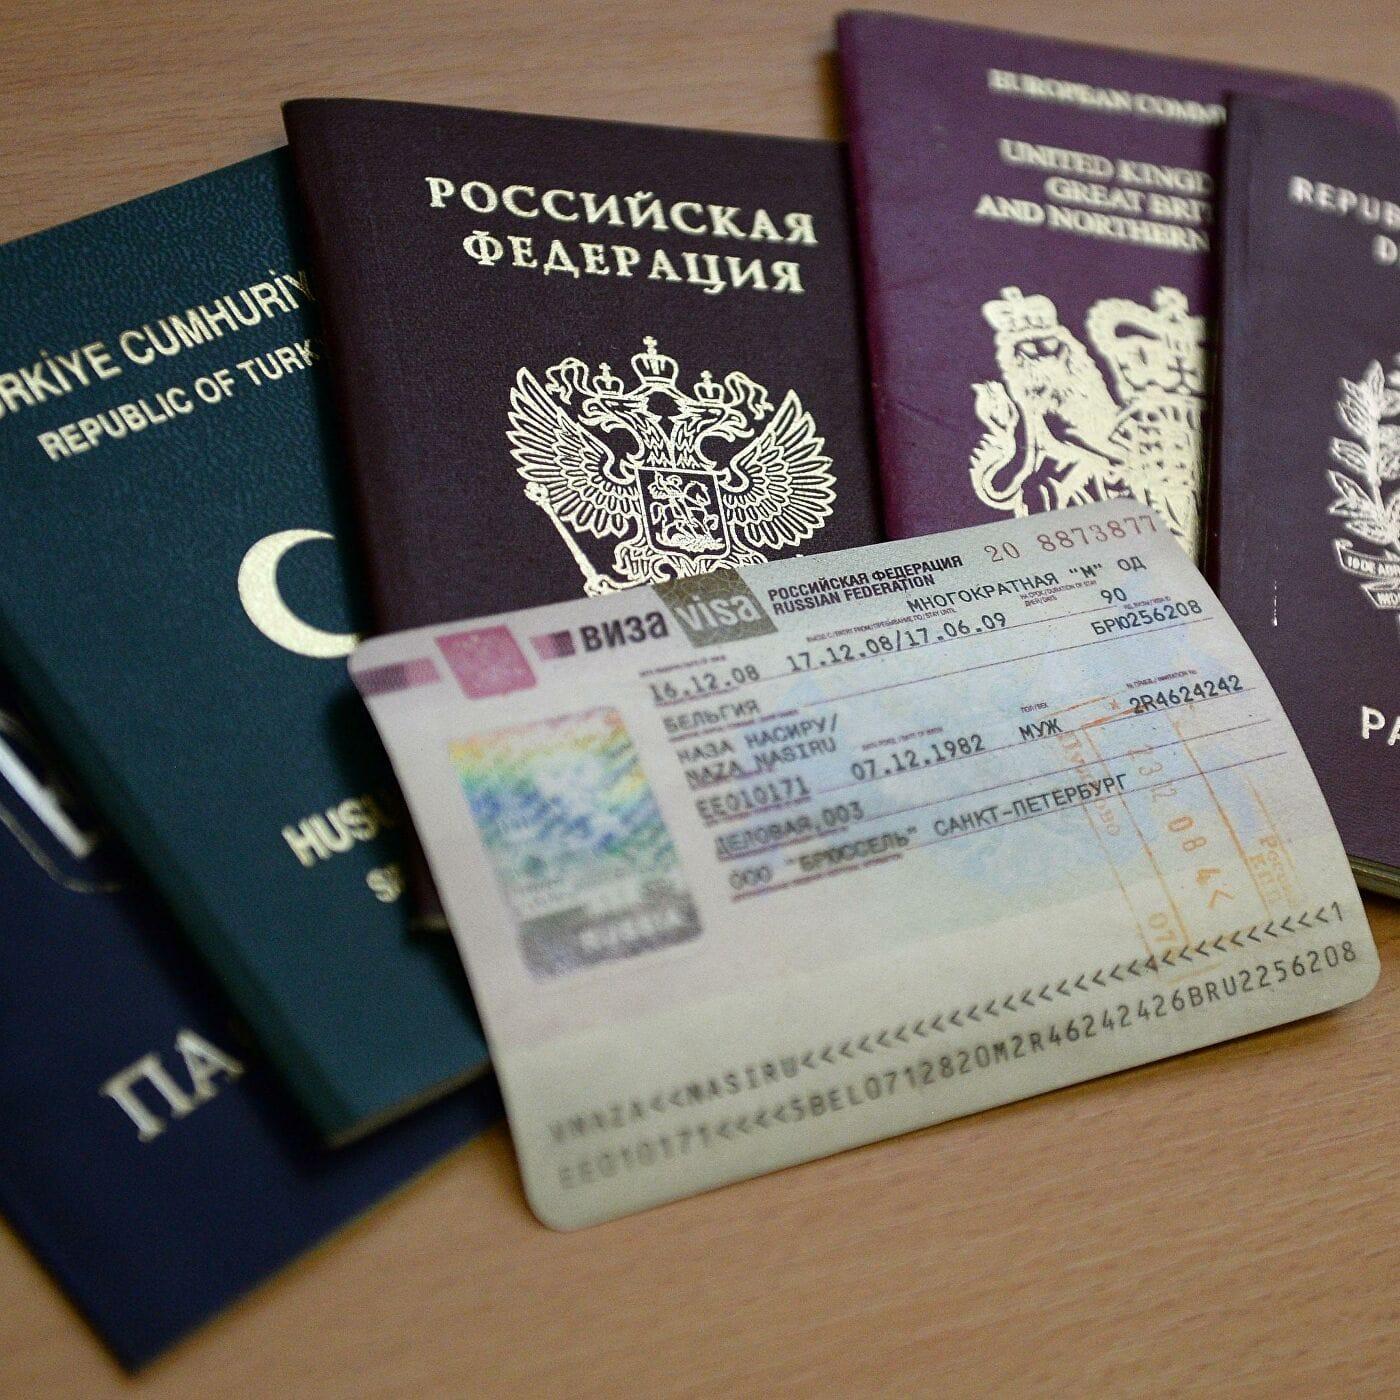 懂俄语的外国人可以获得特别的入境签证用于申请入籍插图-小狮座俄罗斯留学